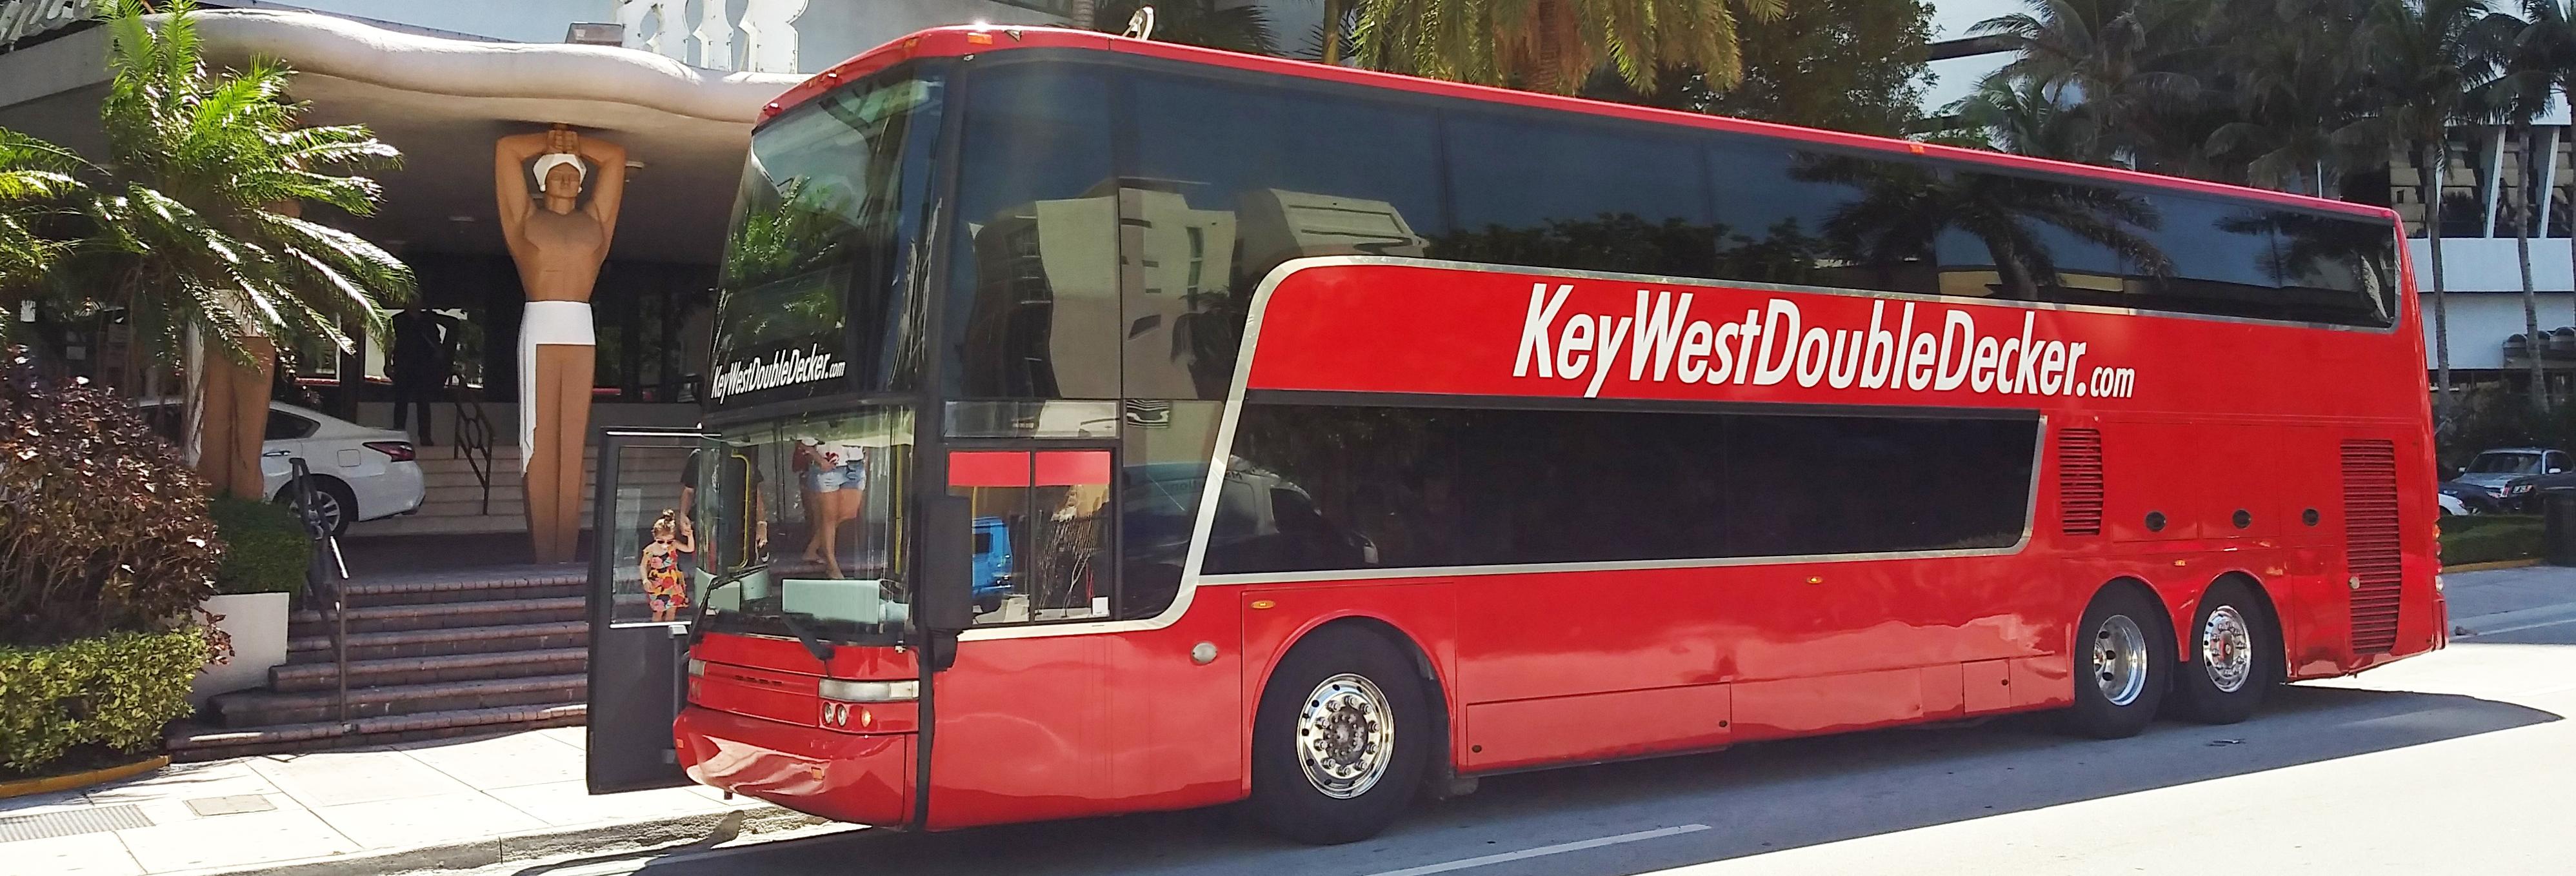 key-west-double-decker-hotel-pick-up.jpg